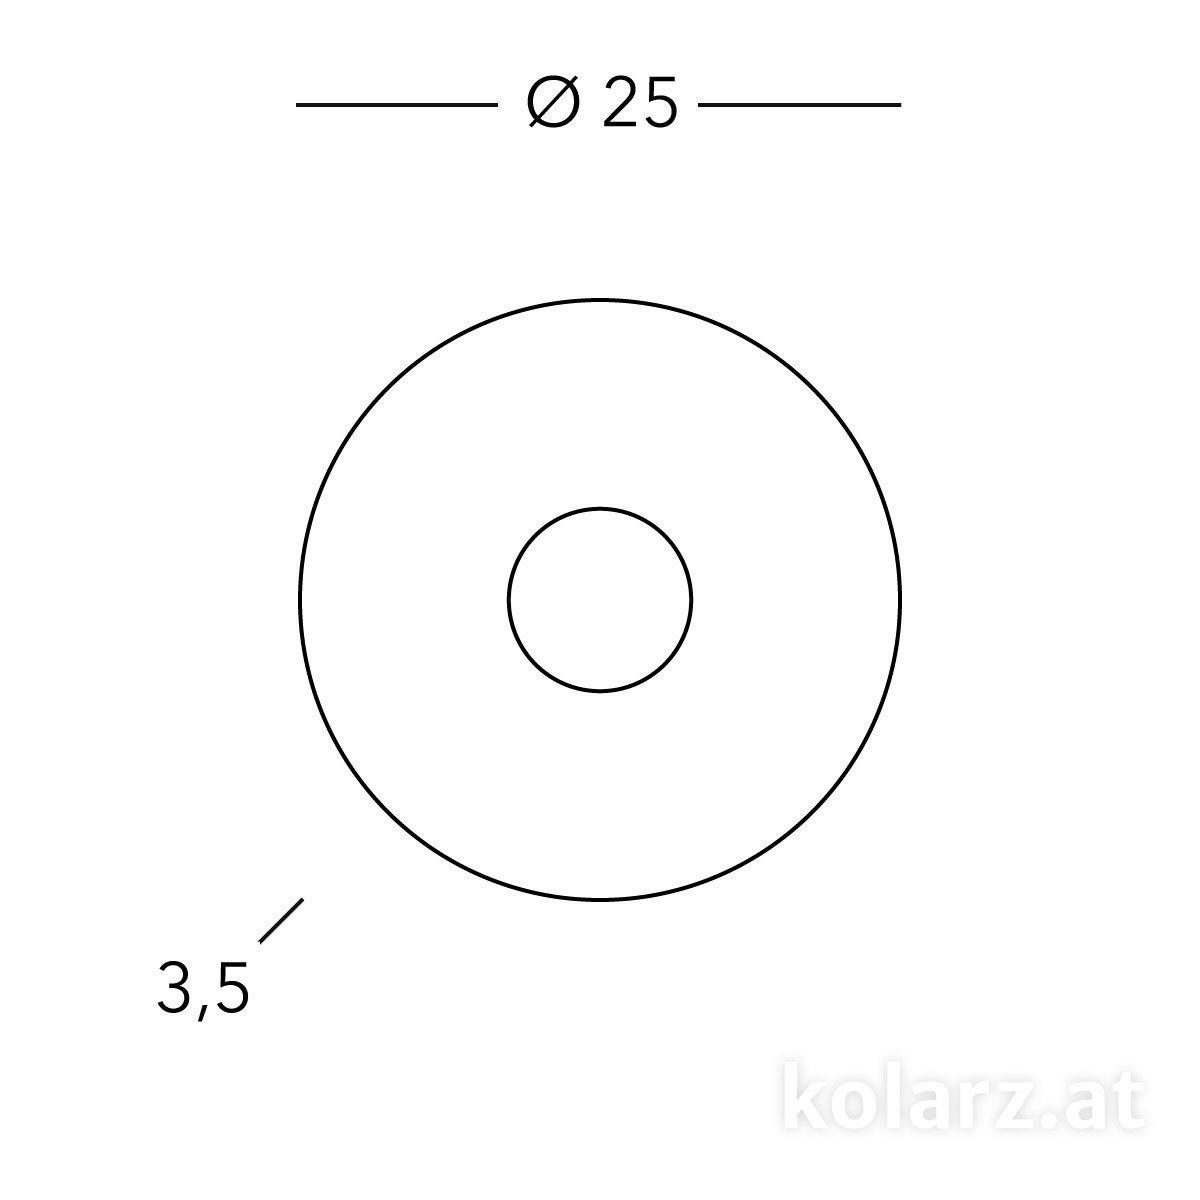 A1336-11-1-SunCu-s1.jpg